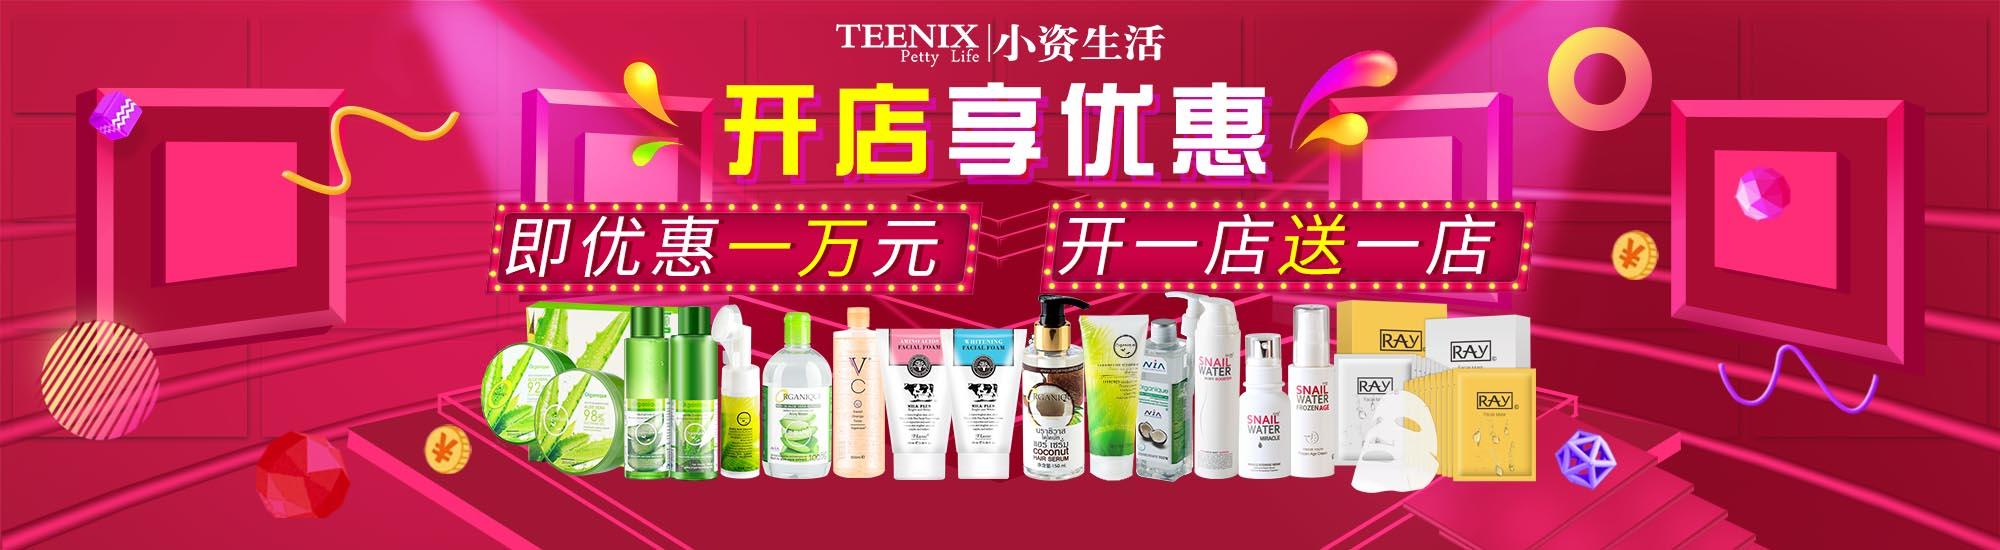 小资生活化妆品开店享优惠